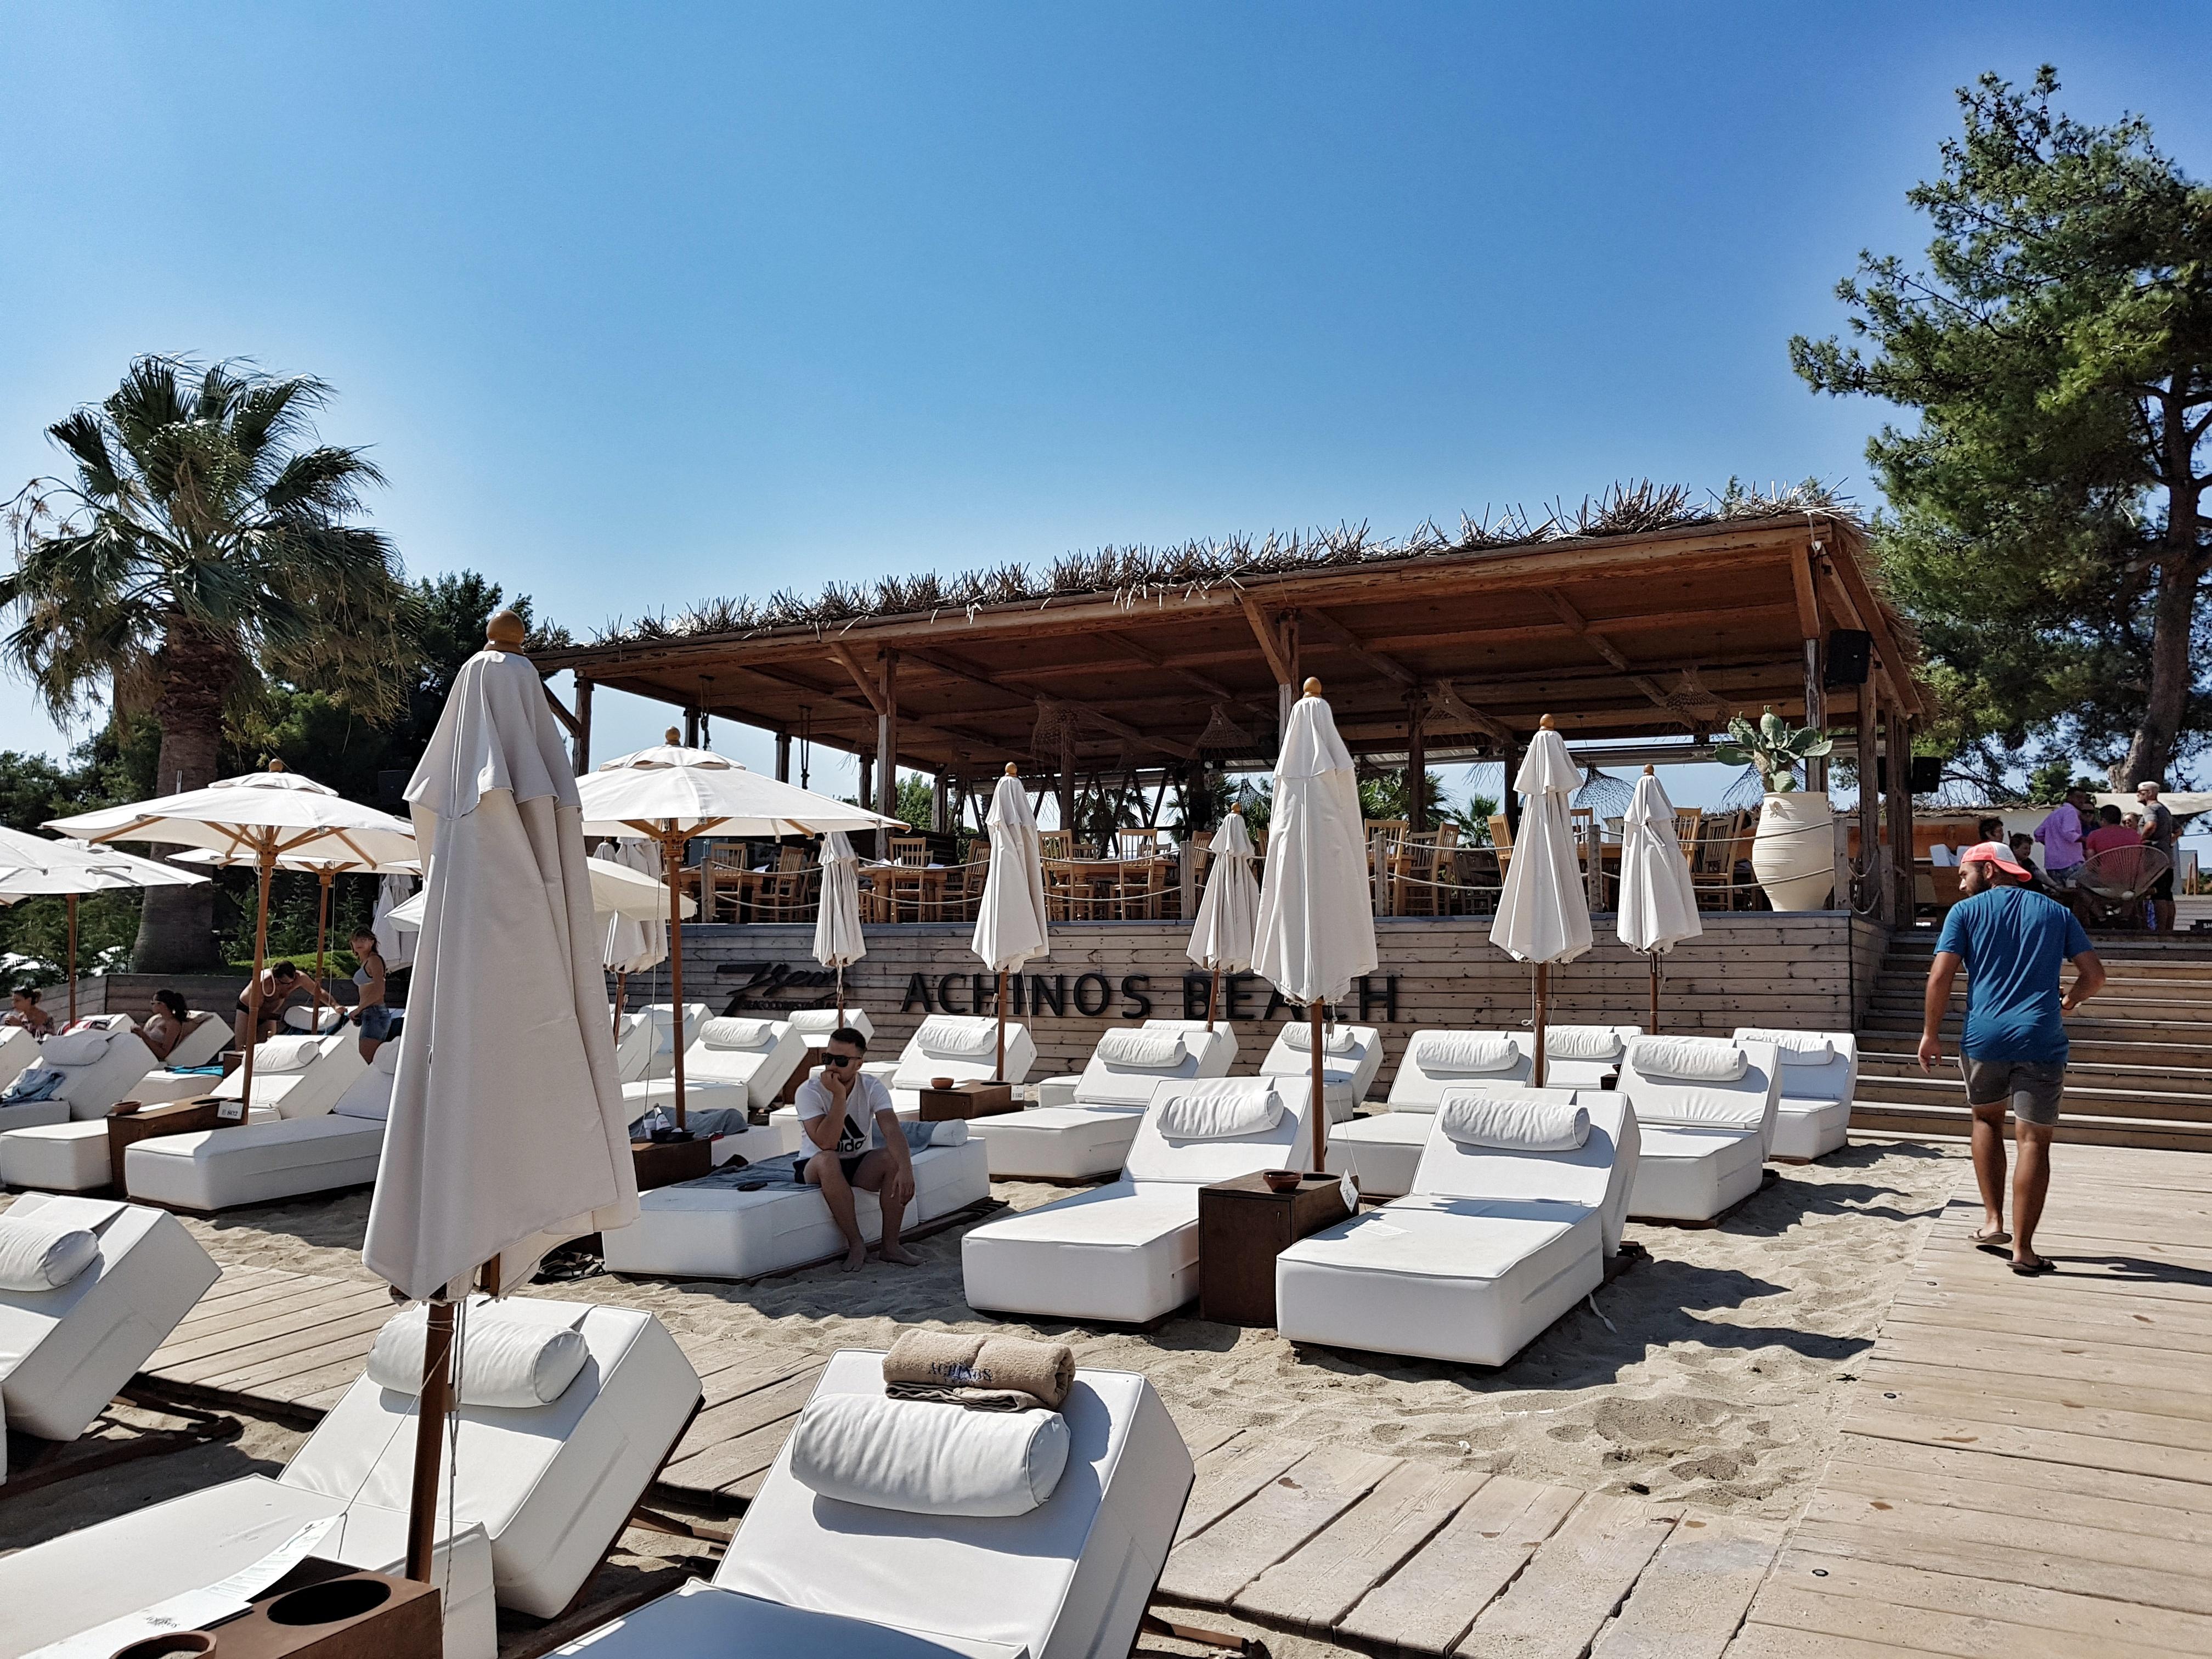 hanioti_achinos_beach_bar_halkidiki